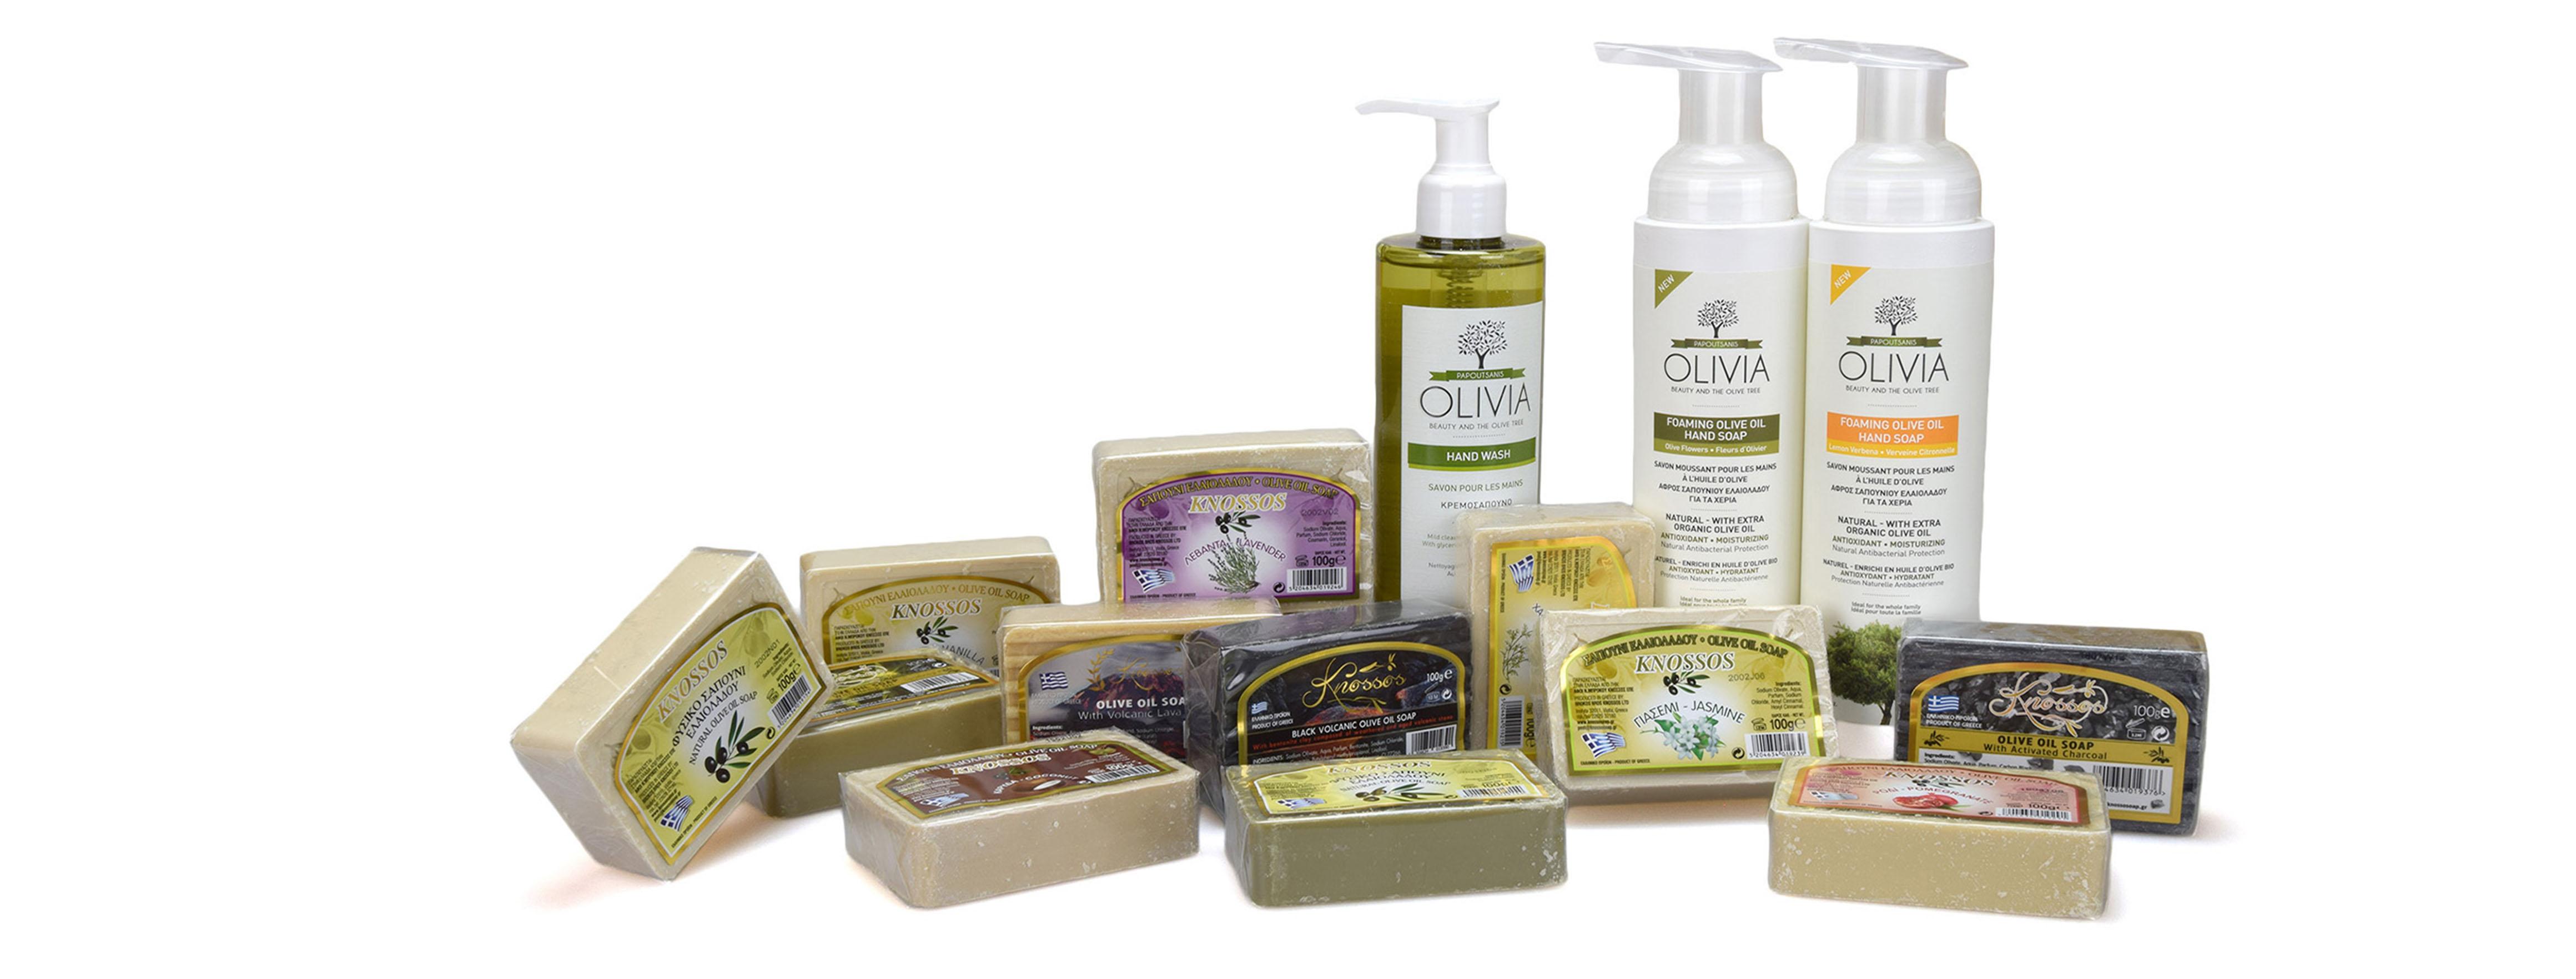 Přírodní řecká olivová mýdla